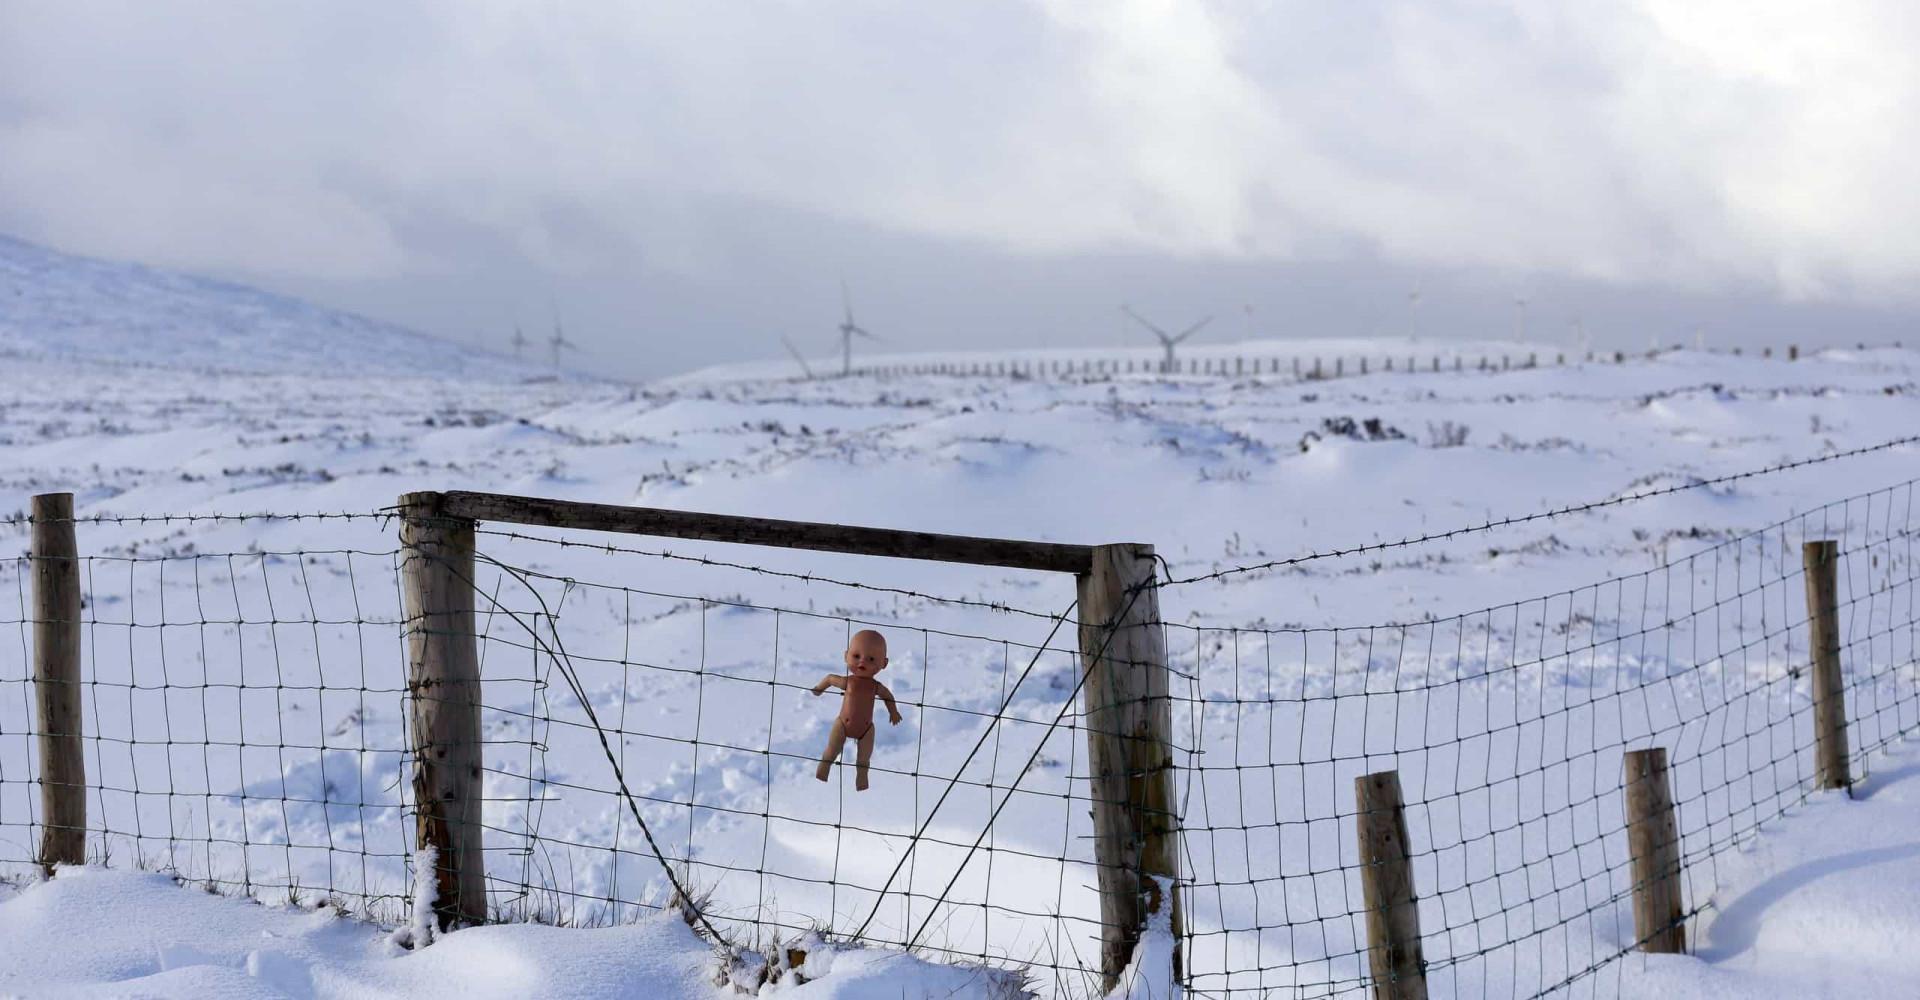 Tšernobylistä ja muualta: karmaisevat kuvat oman onnensa nojaan jätetyistä nukeista